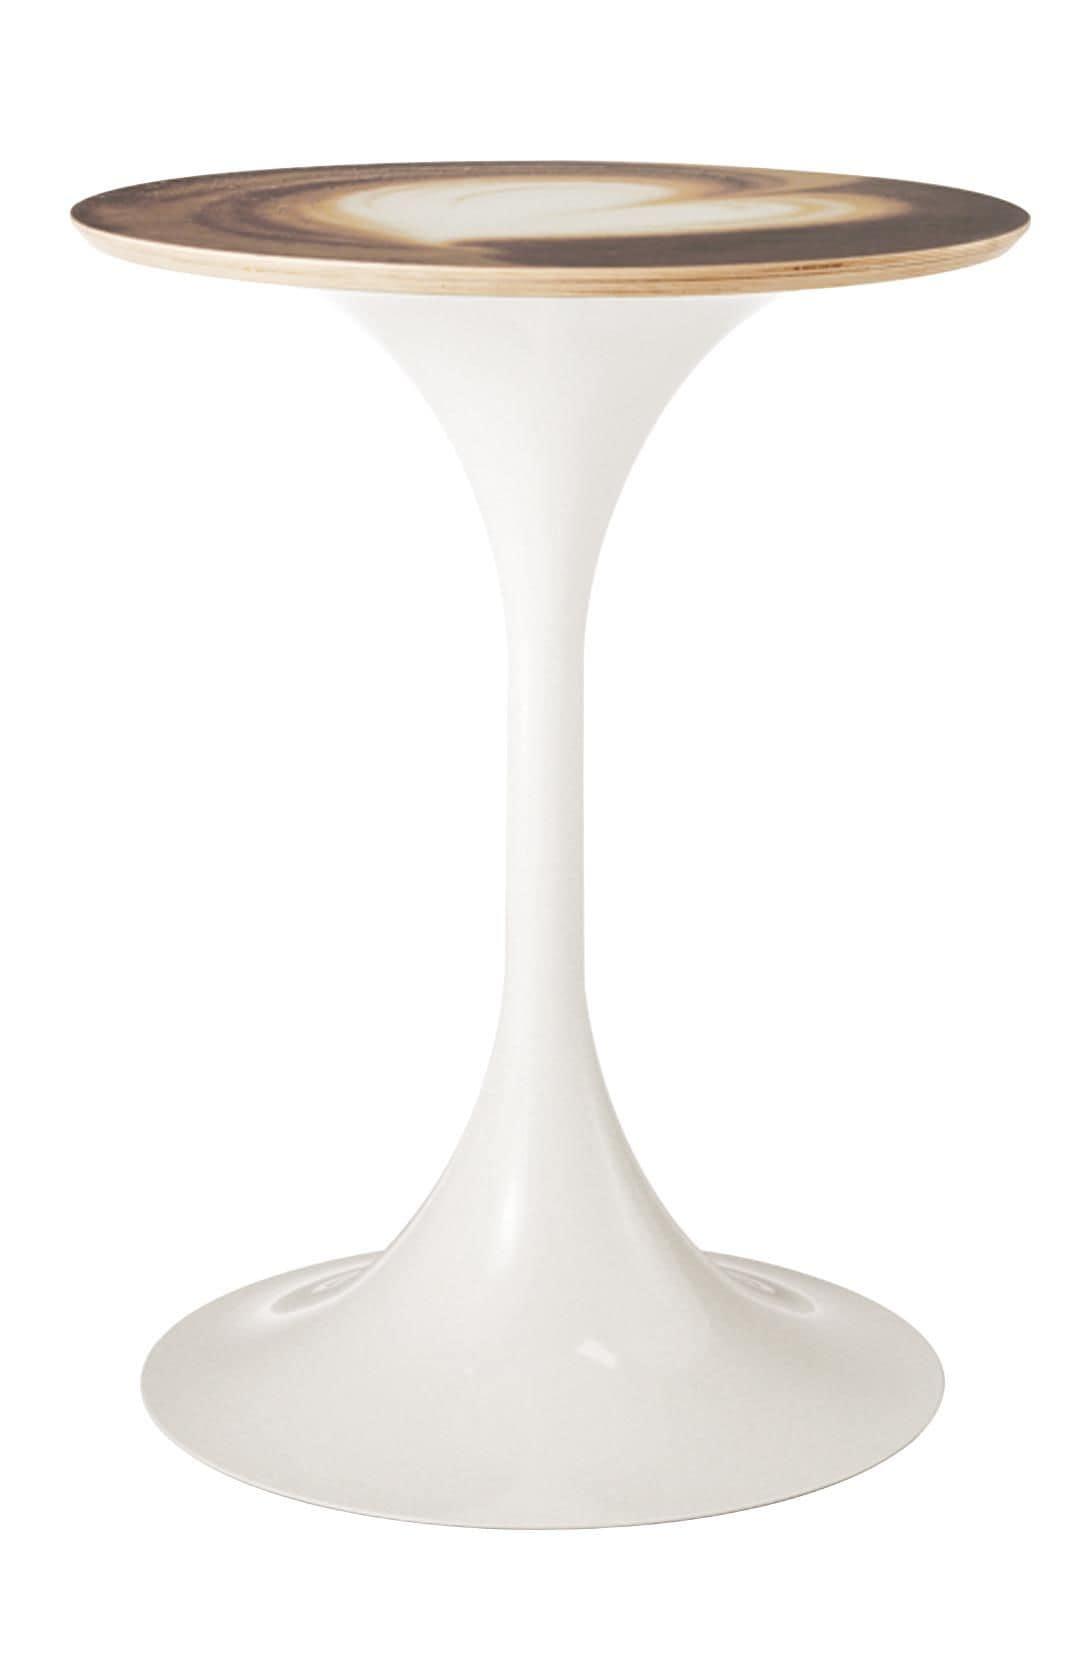 Art.Sablier, Base tonda per tavolo, in stile contemporaneo, per ambienti contract e domestici